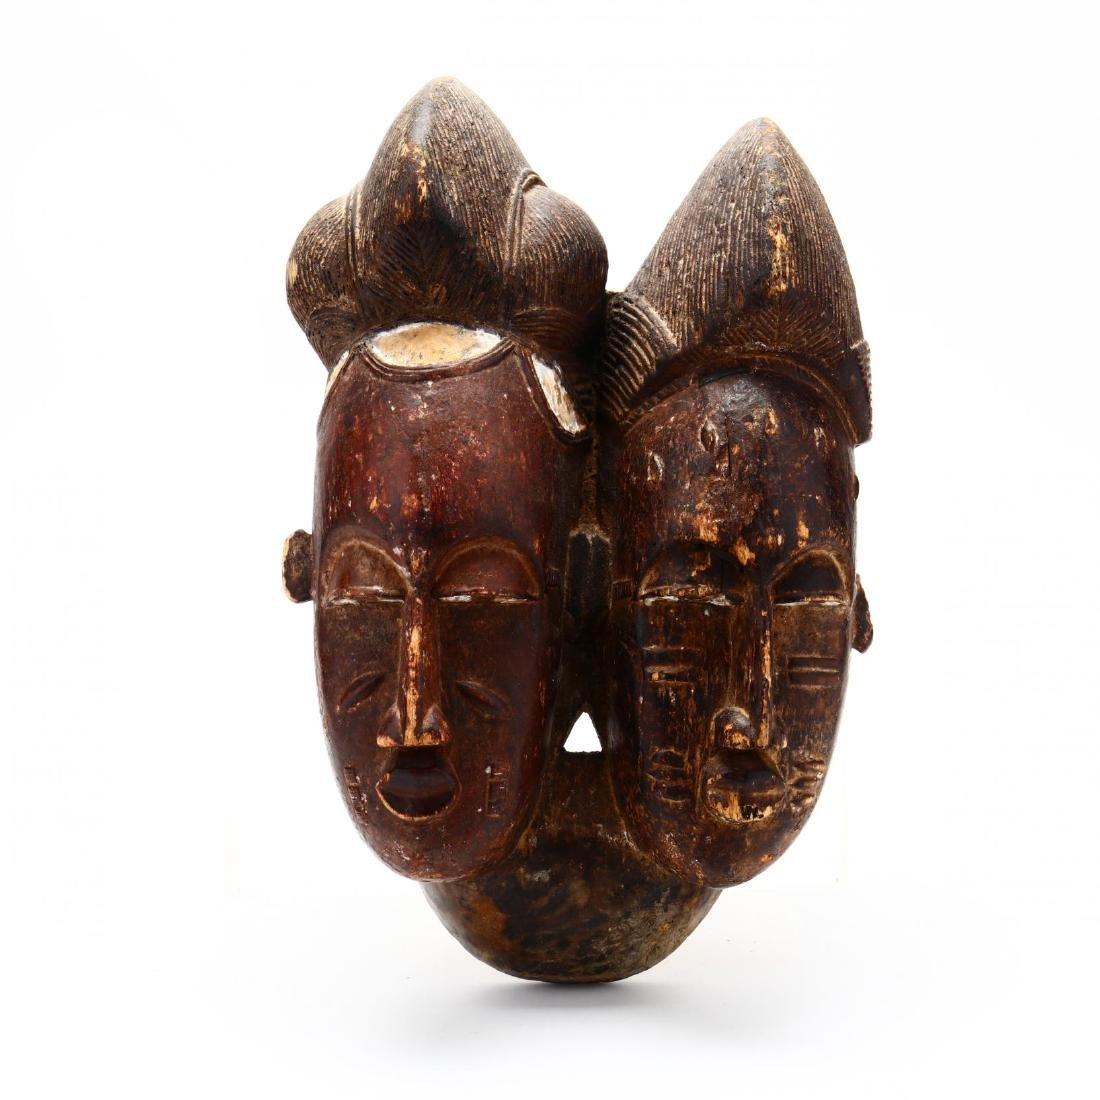 Baule Double-Face Mask,  Côte d'Ivoire  (Ivory Coast)